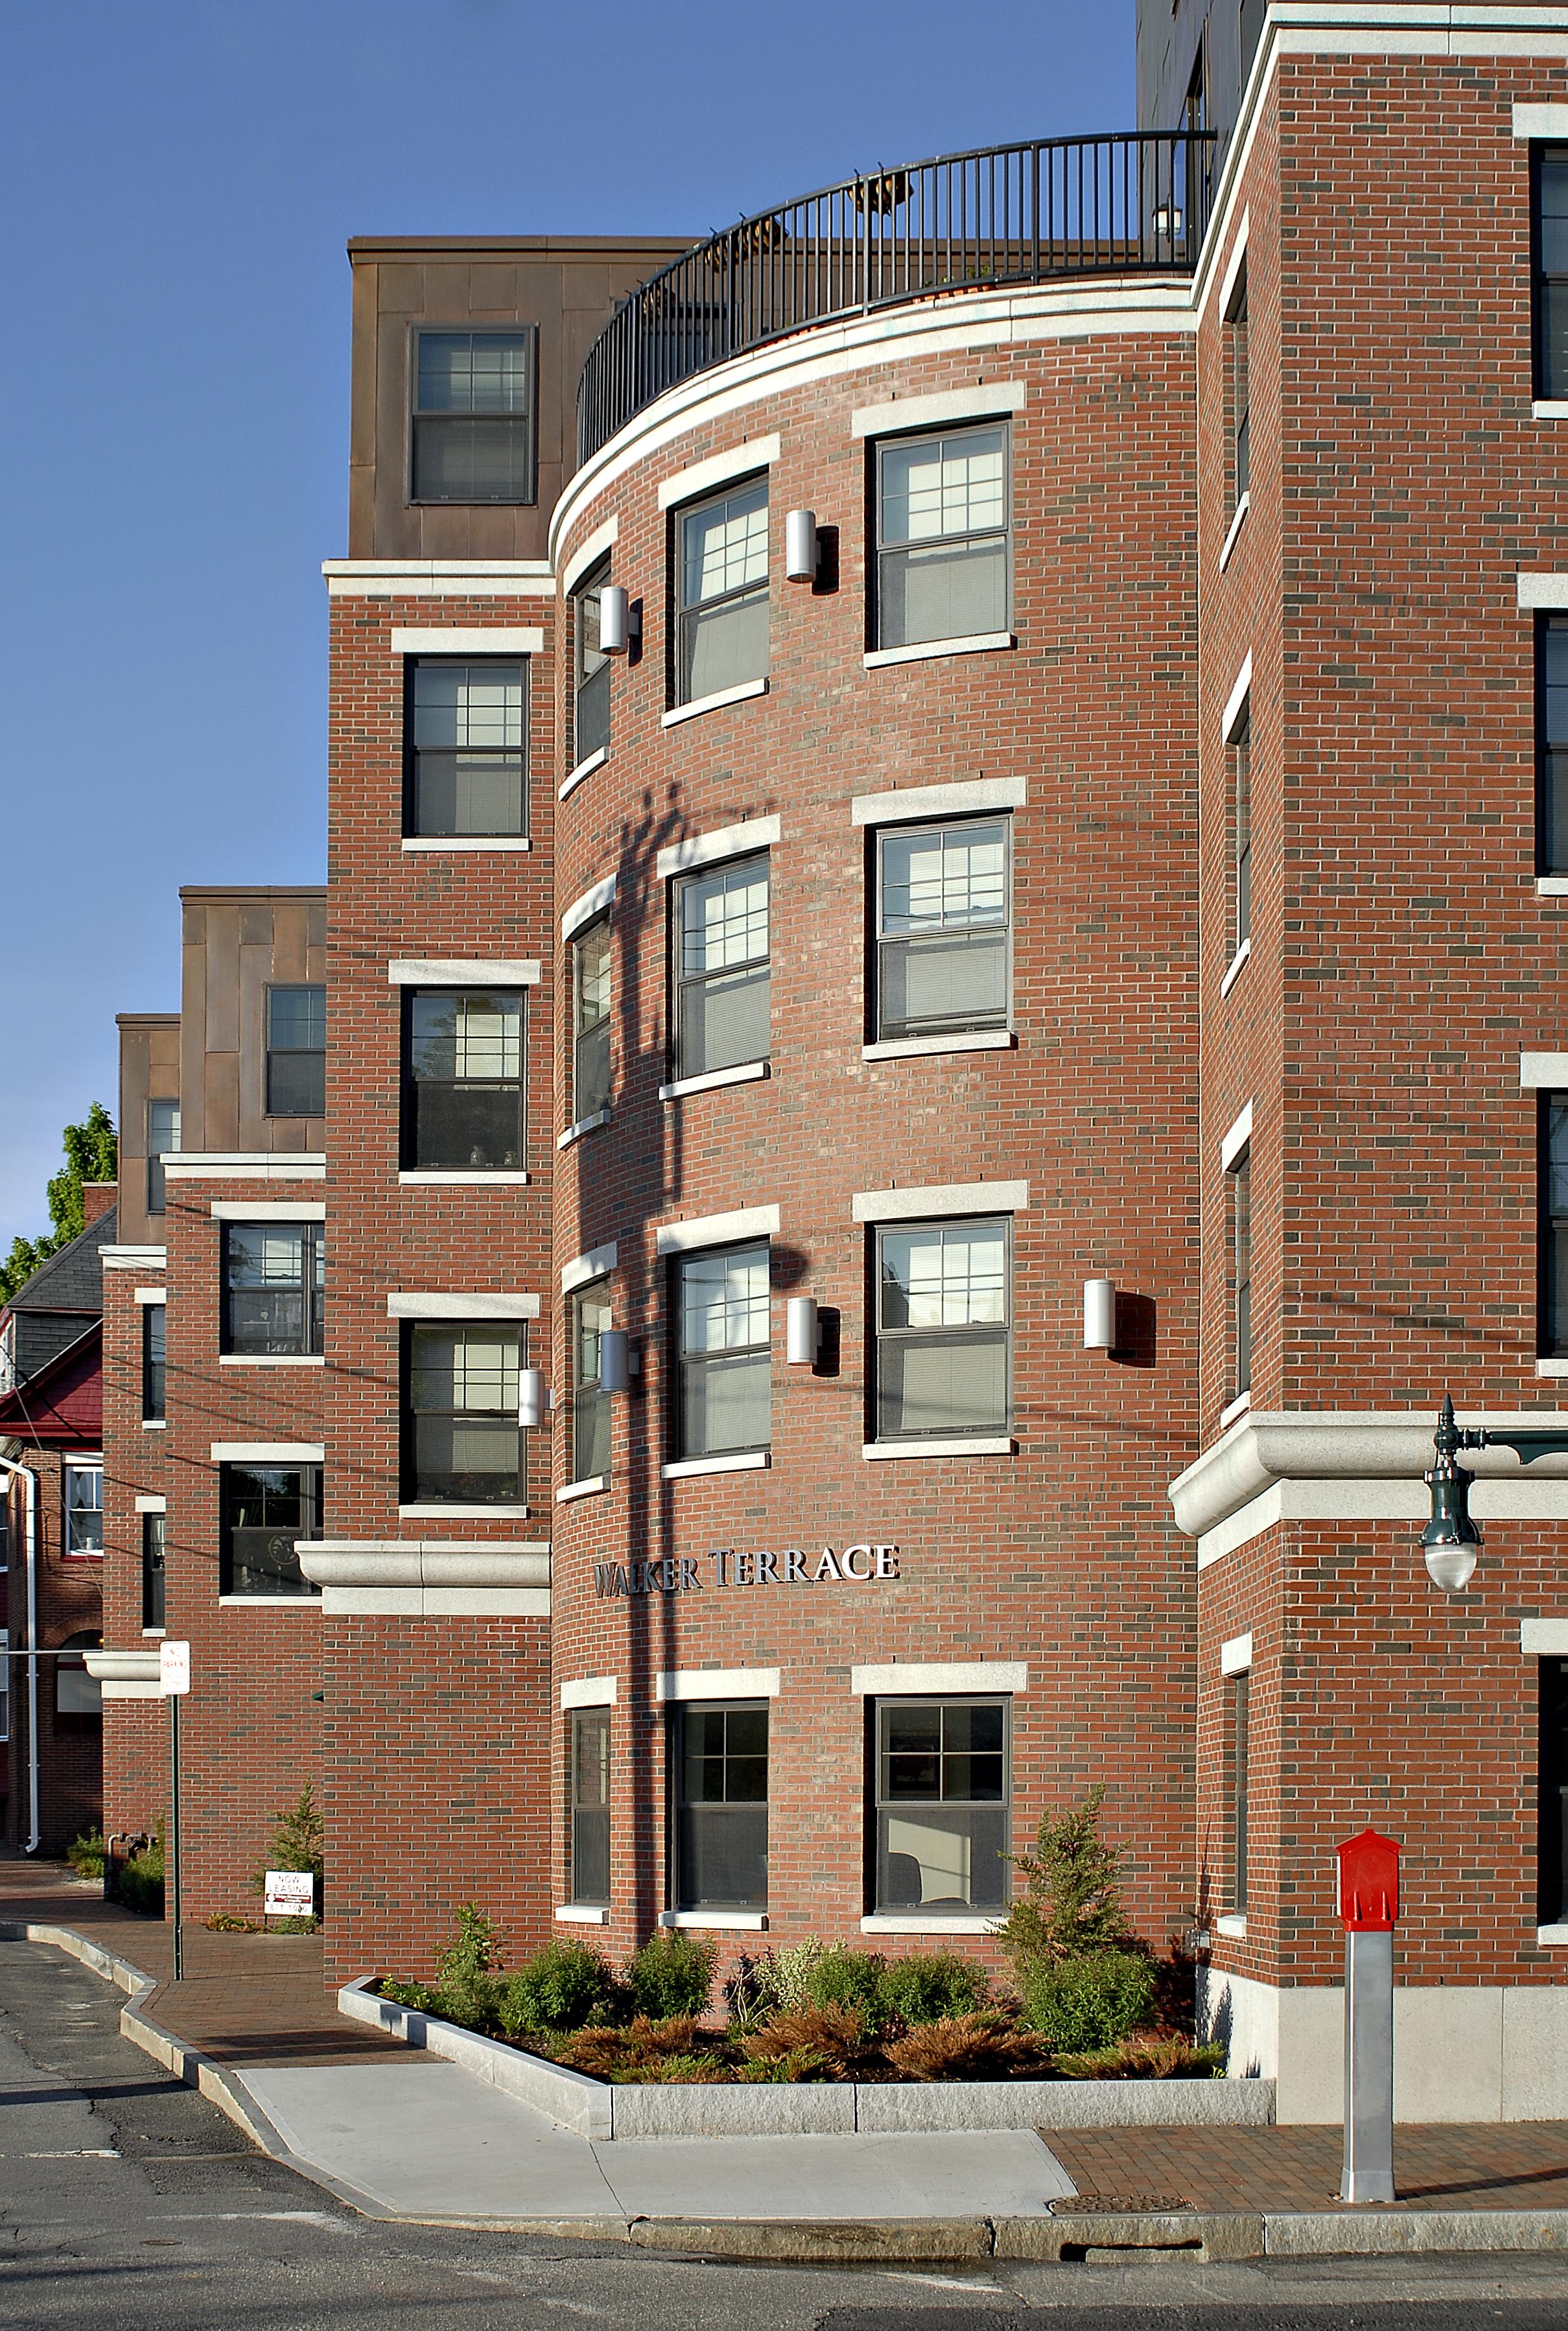 05 - Walker Terrace.jpg